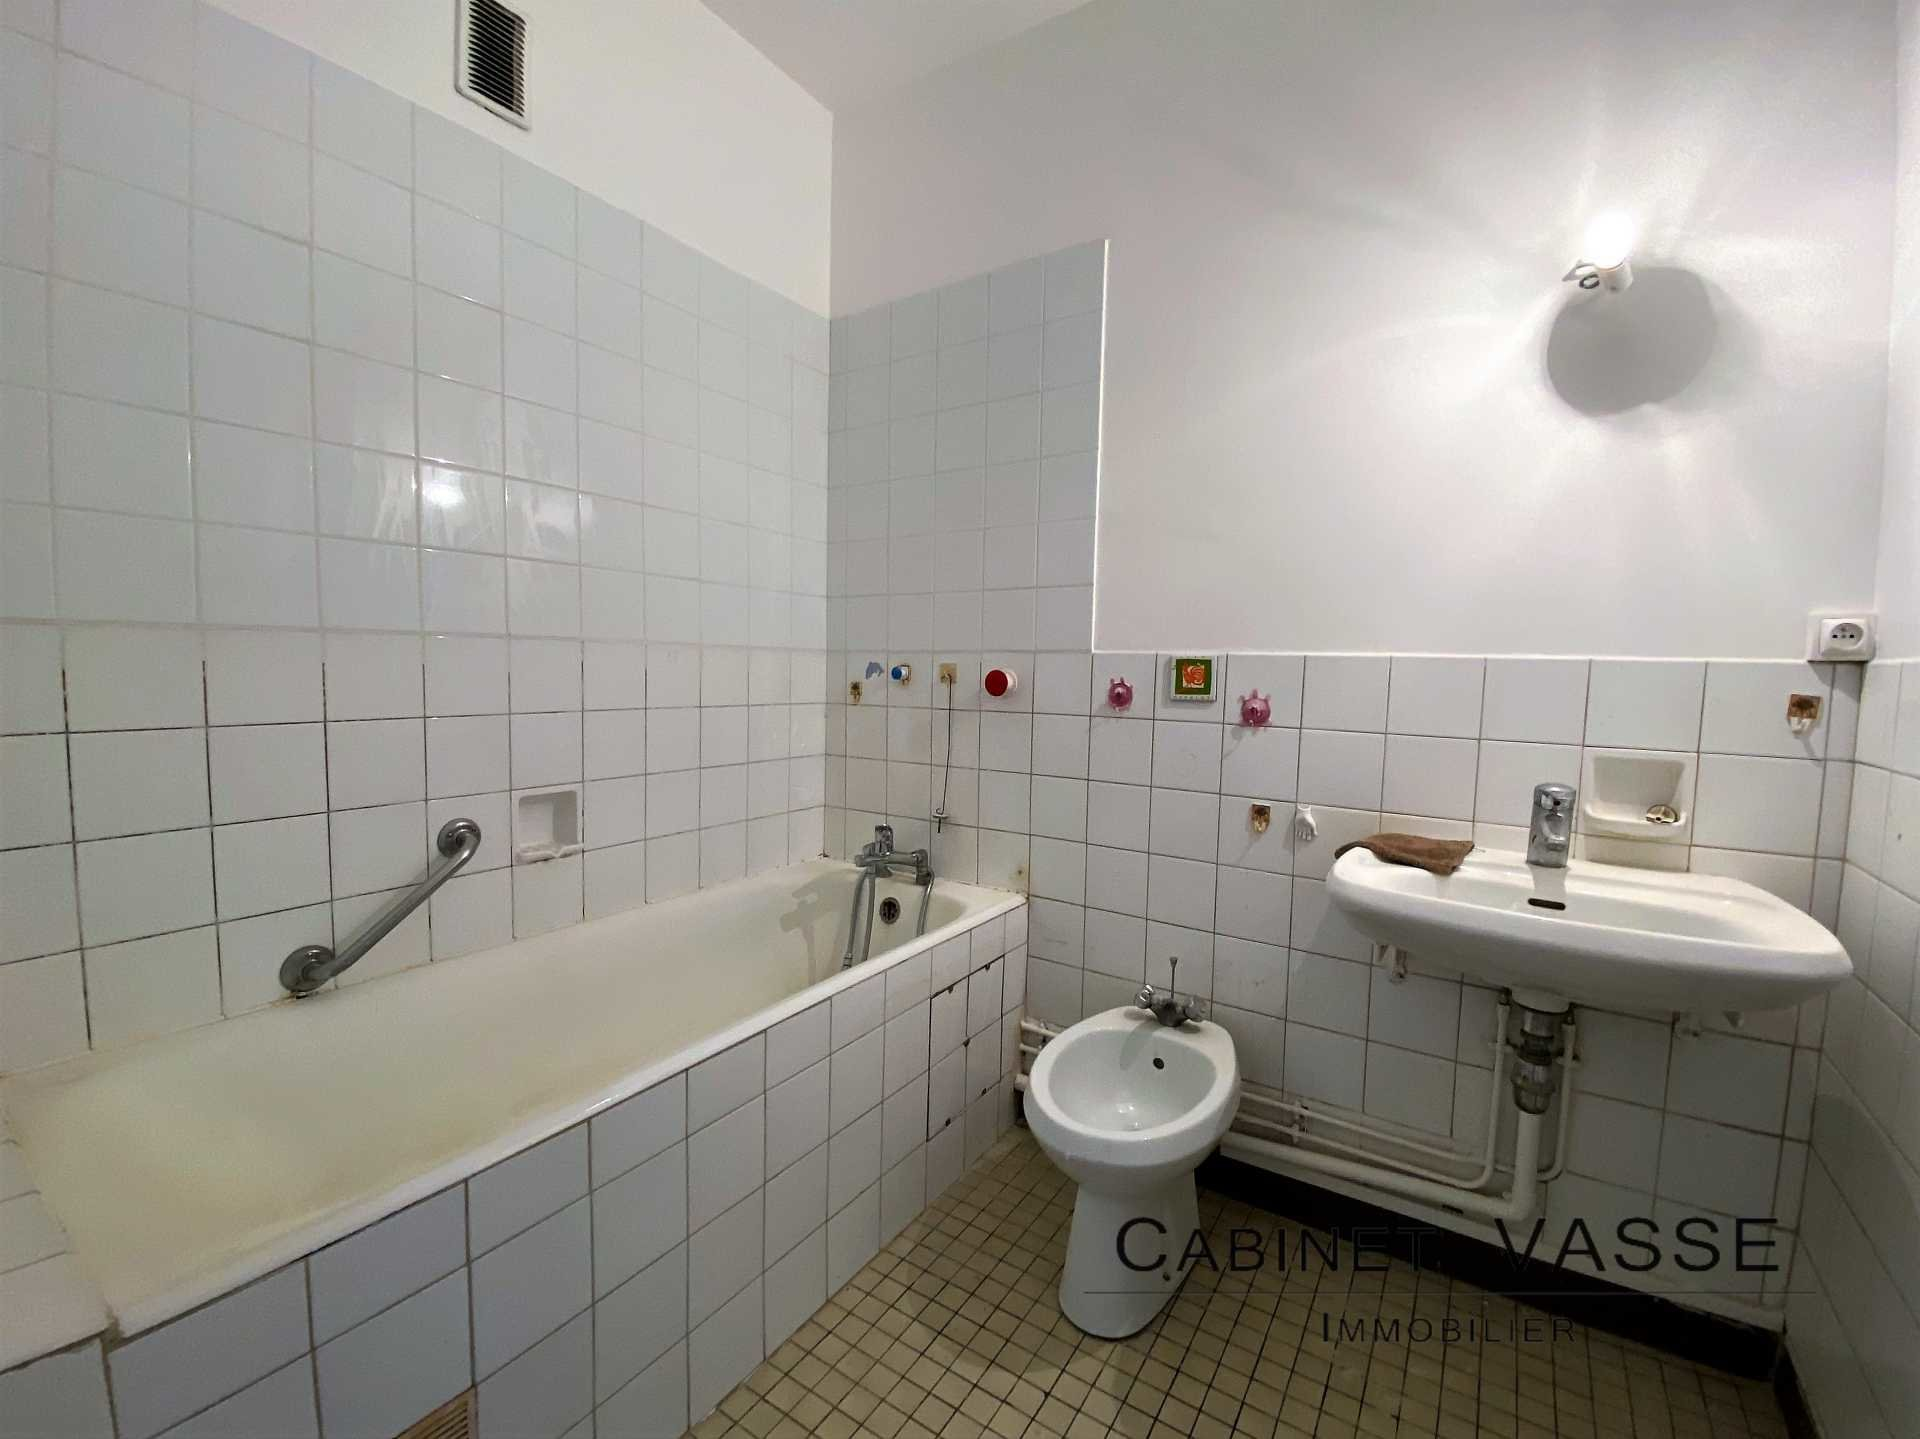 Appartement, salle de bain, baignoire, vasse, a louer